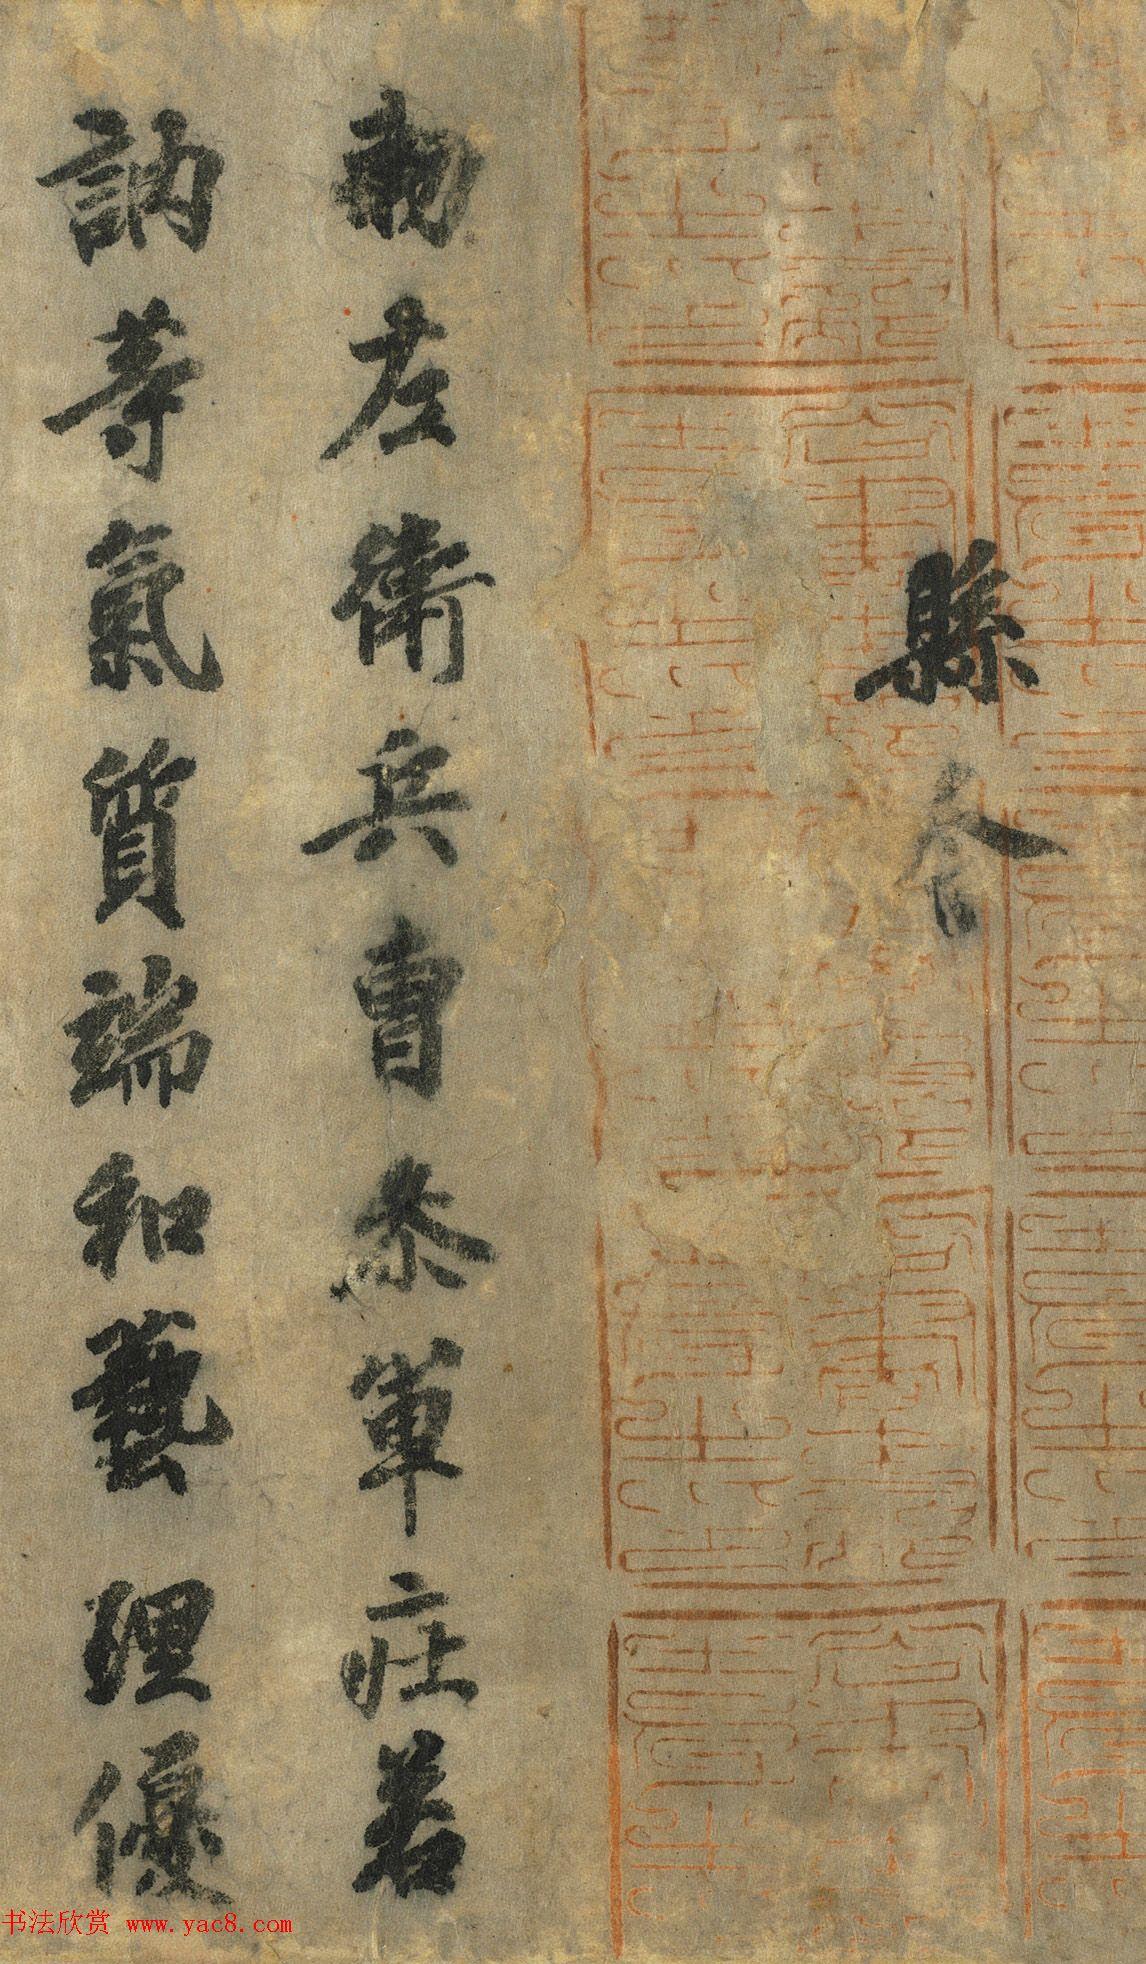 唐朝书法公文《徐季海书朱巨川告》